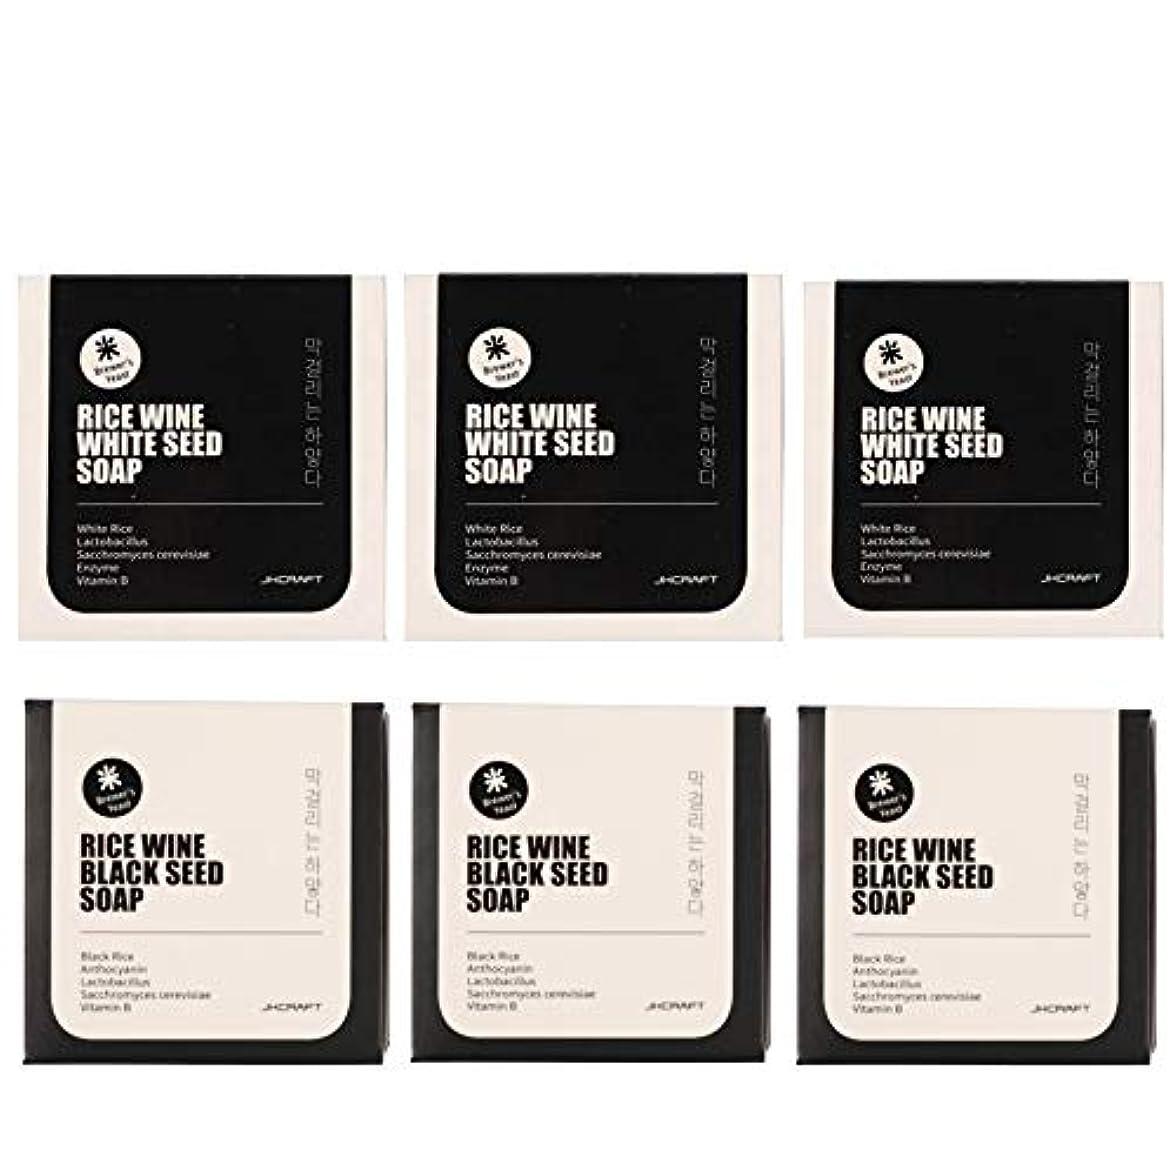 パックアーク利用可能JKCRAFT RICEWINE WHITE&BLACK SEED SOAP マッコリ酵母石鹸 & 黒米マッコリ酵母石鹸無添加,無刺激,天然洗顔石鹸 6pcs [並行輸入品]